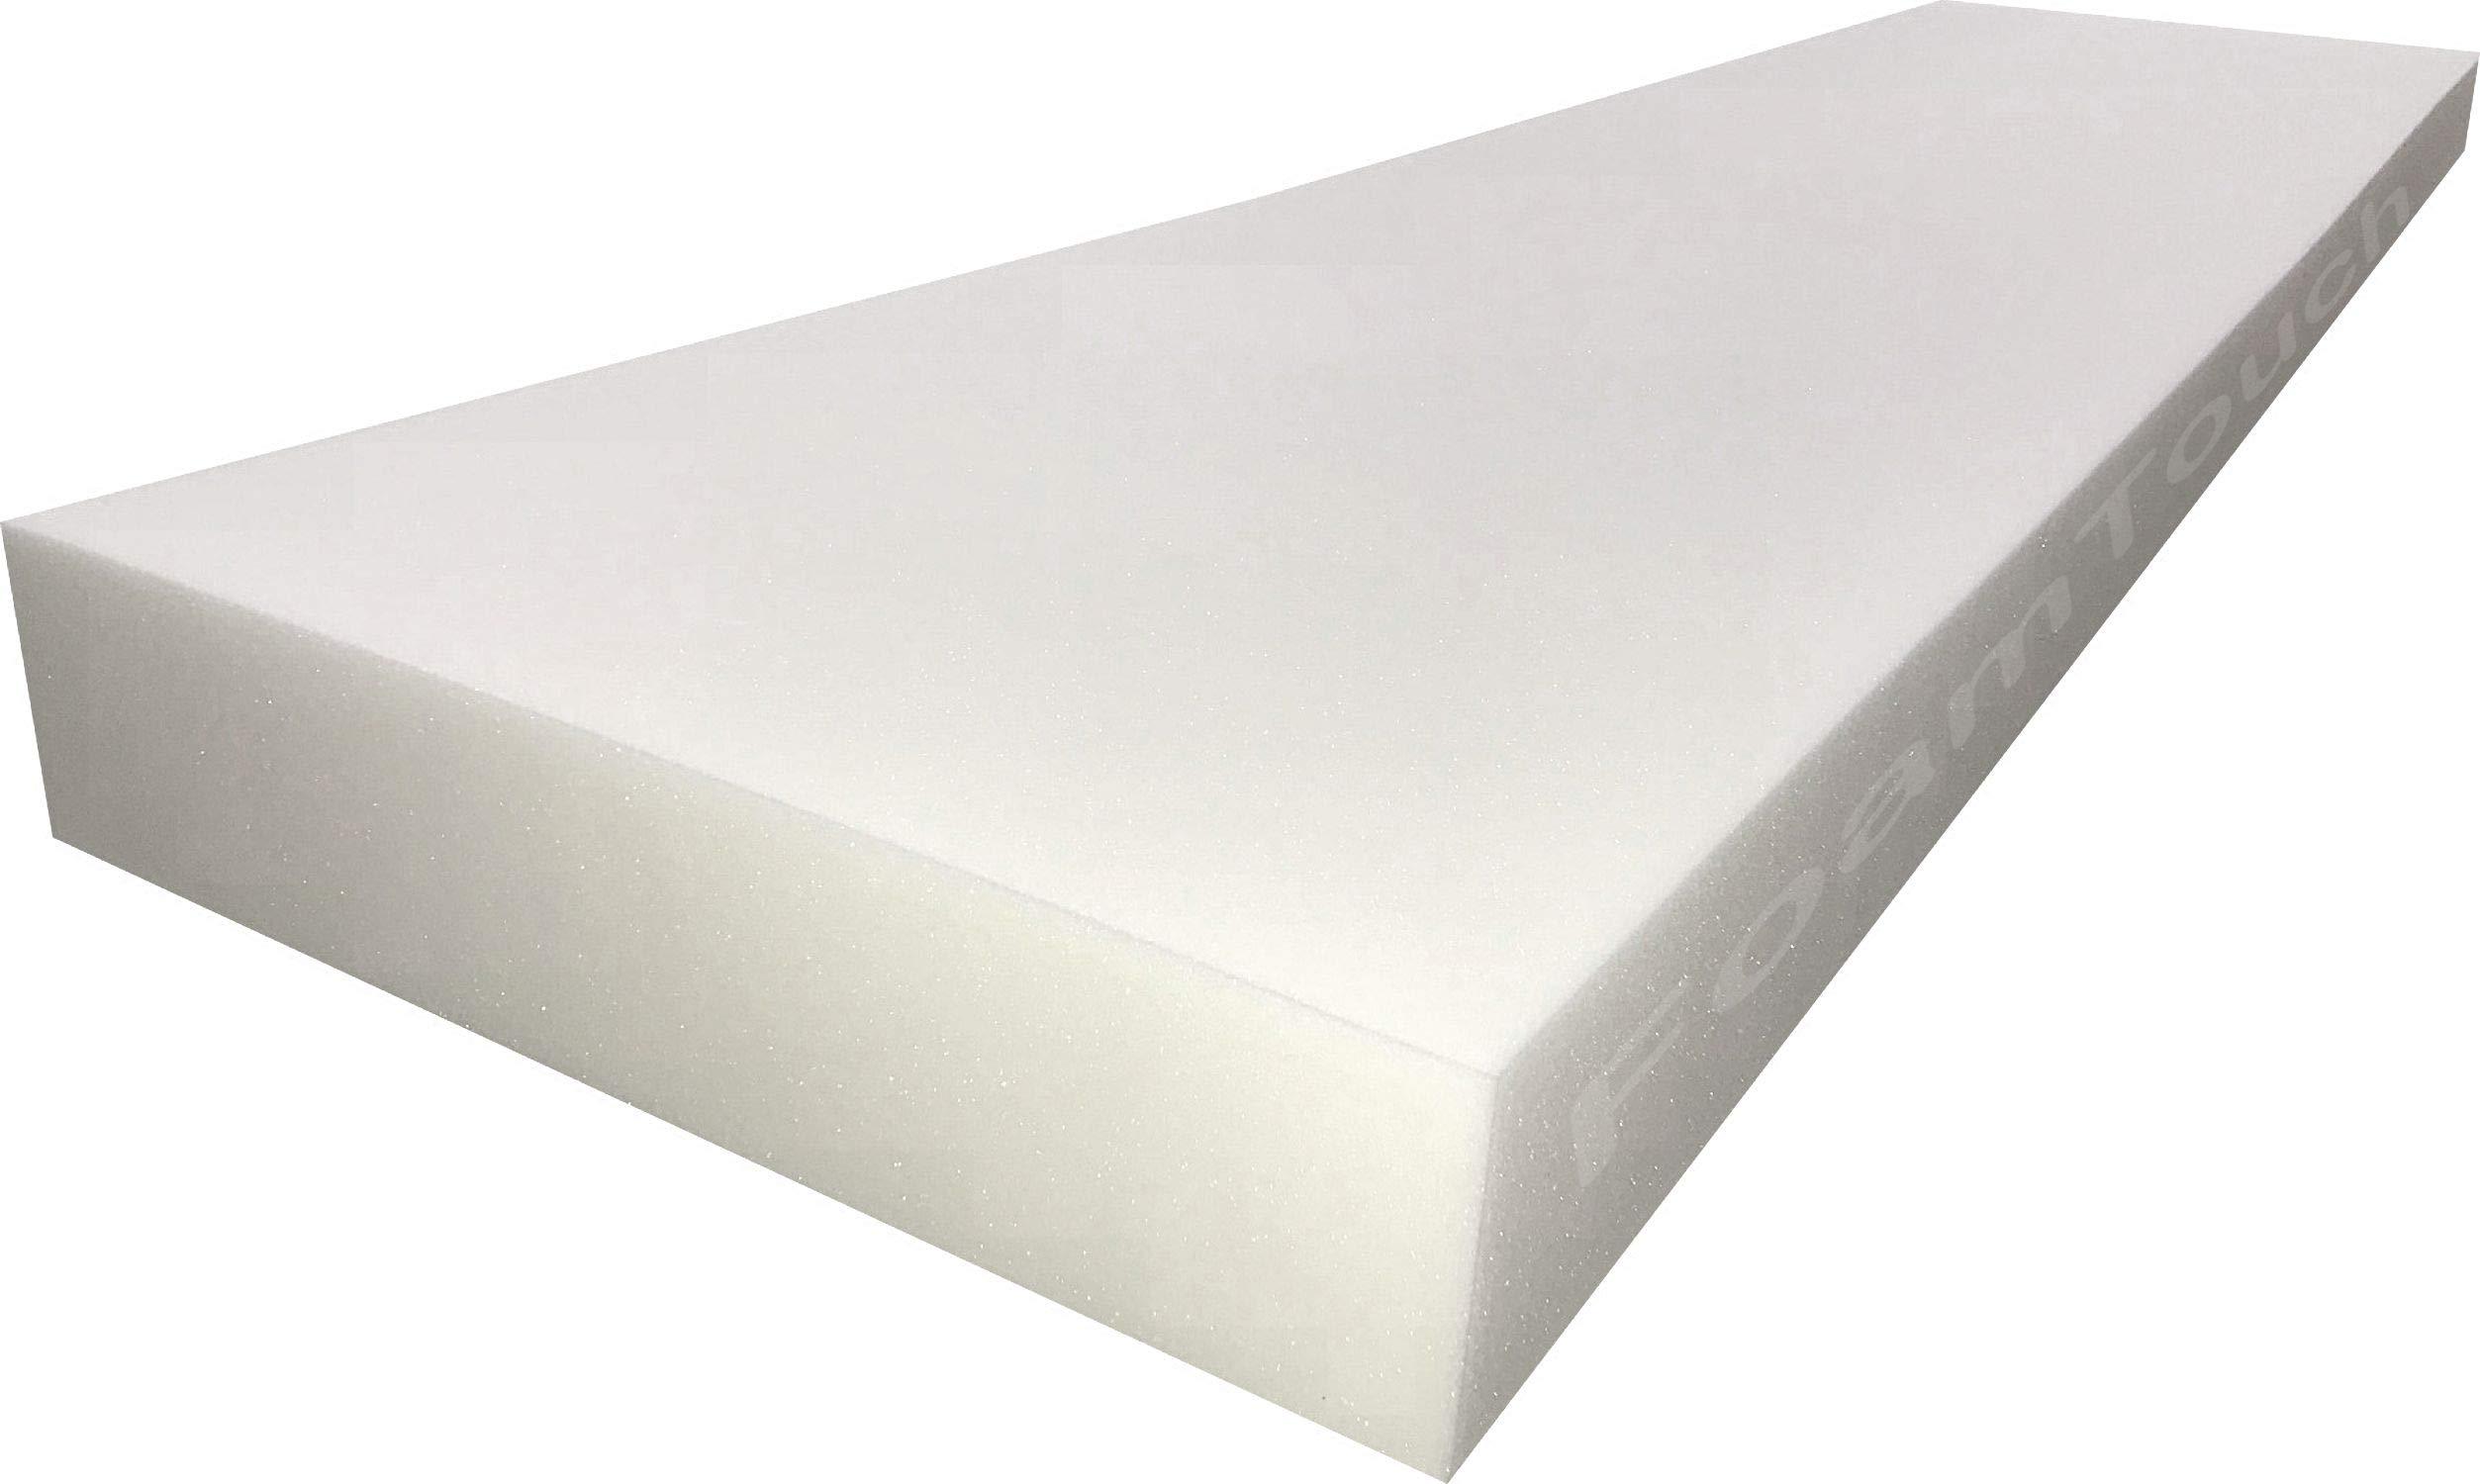 FoamTouch Upholstery Foam Density Cushion